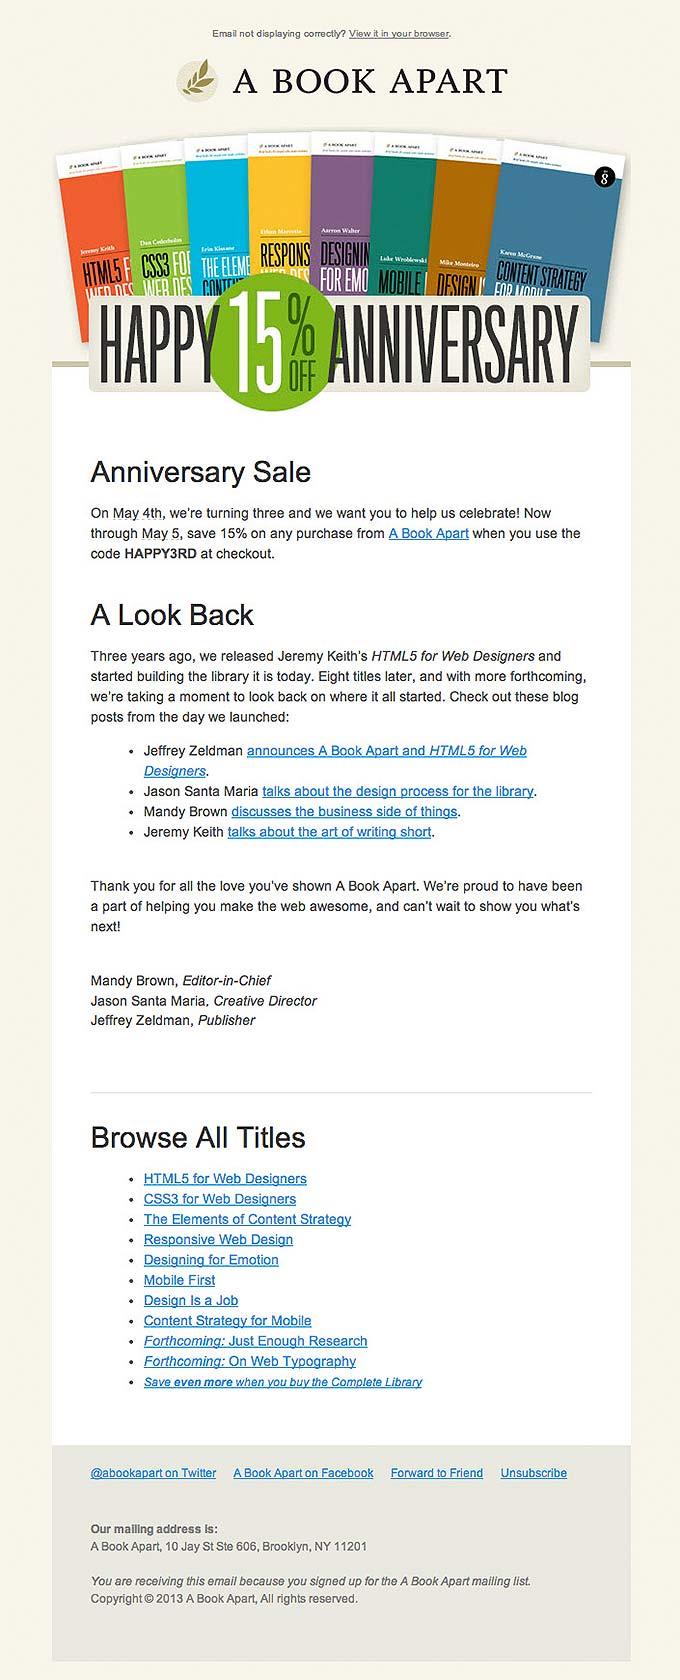 El email de A book apart